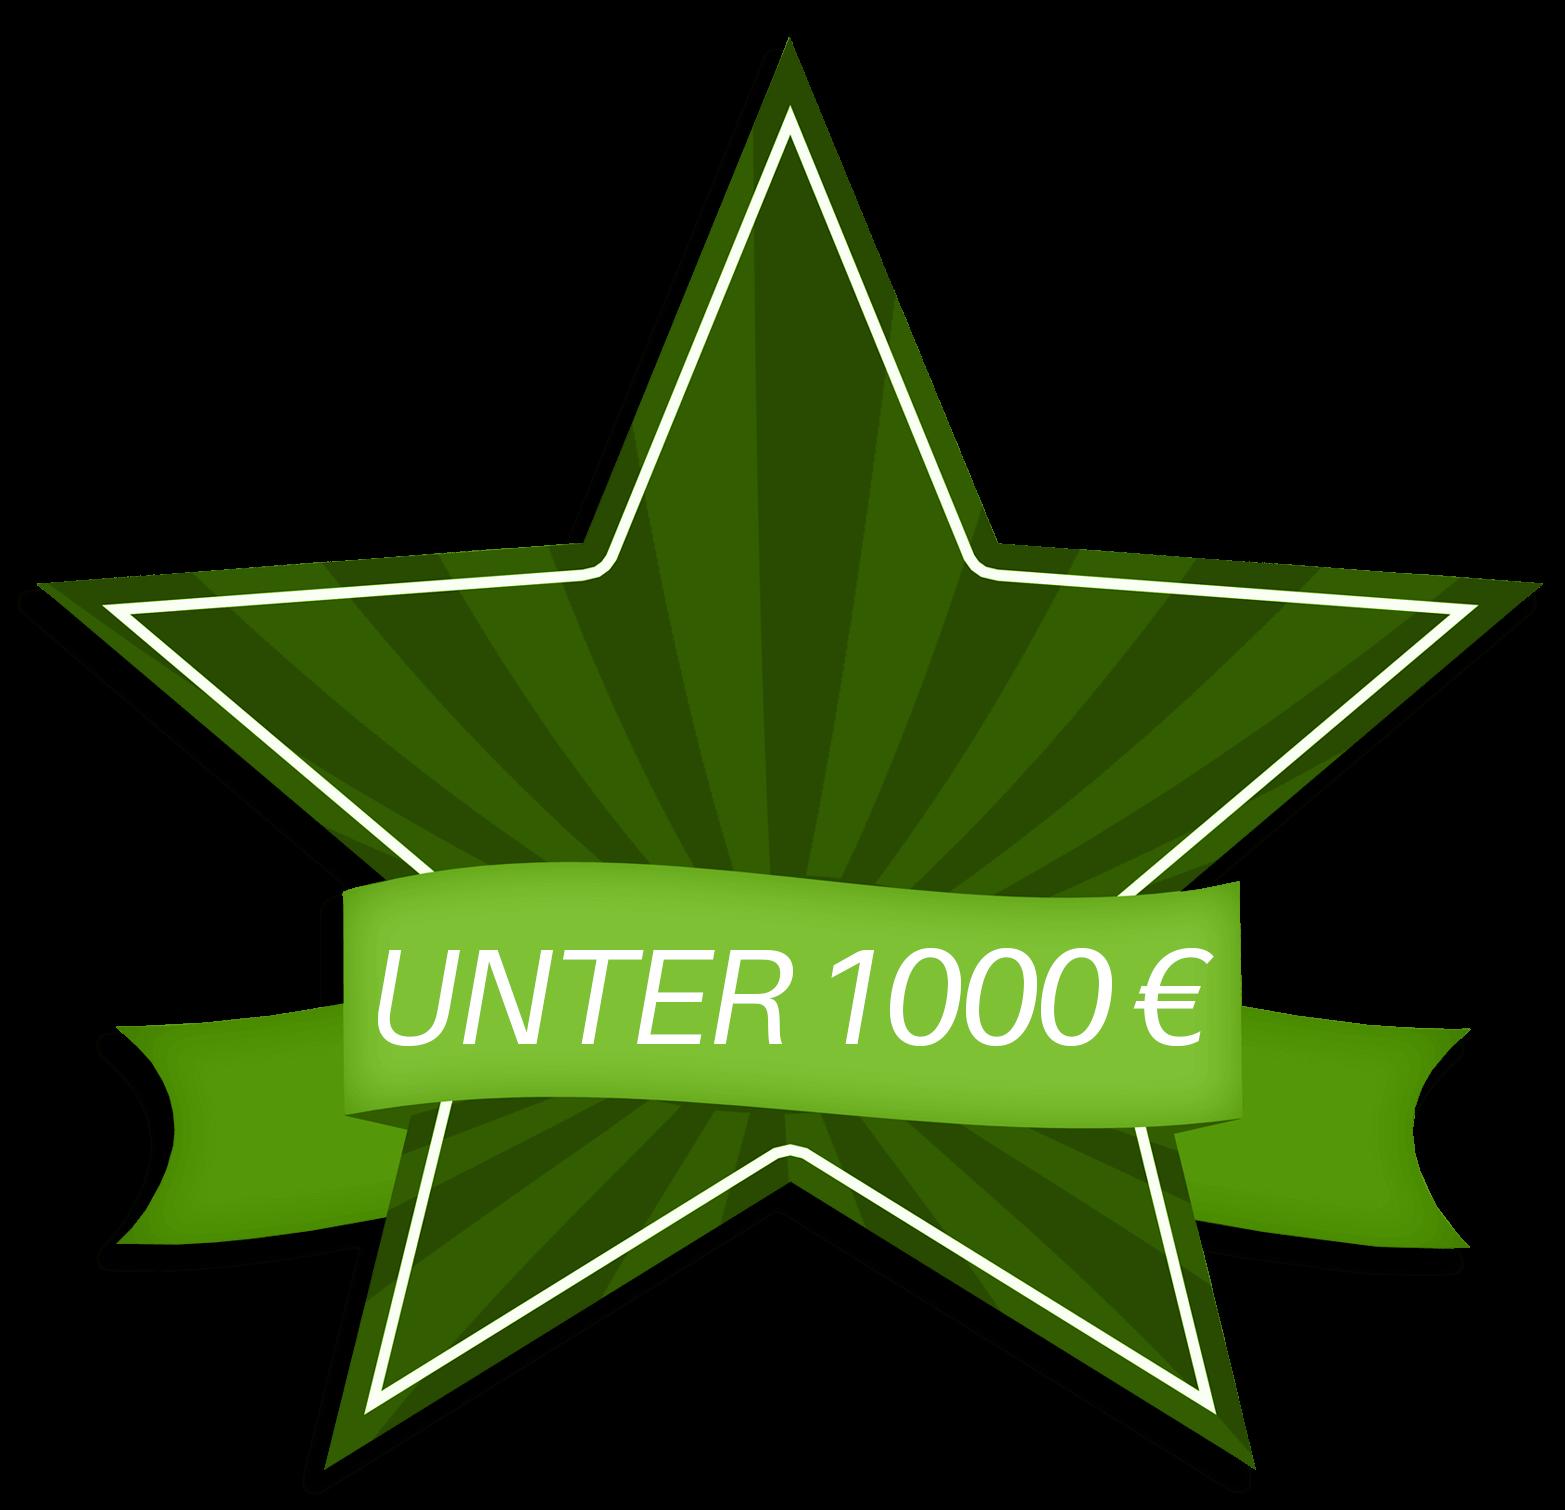 Unter1000